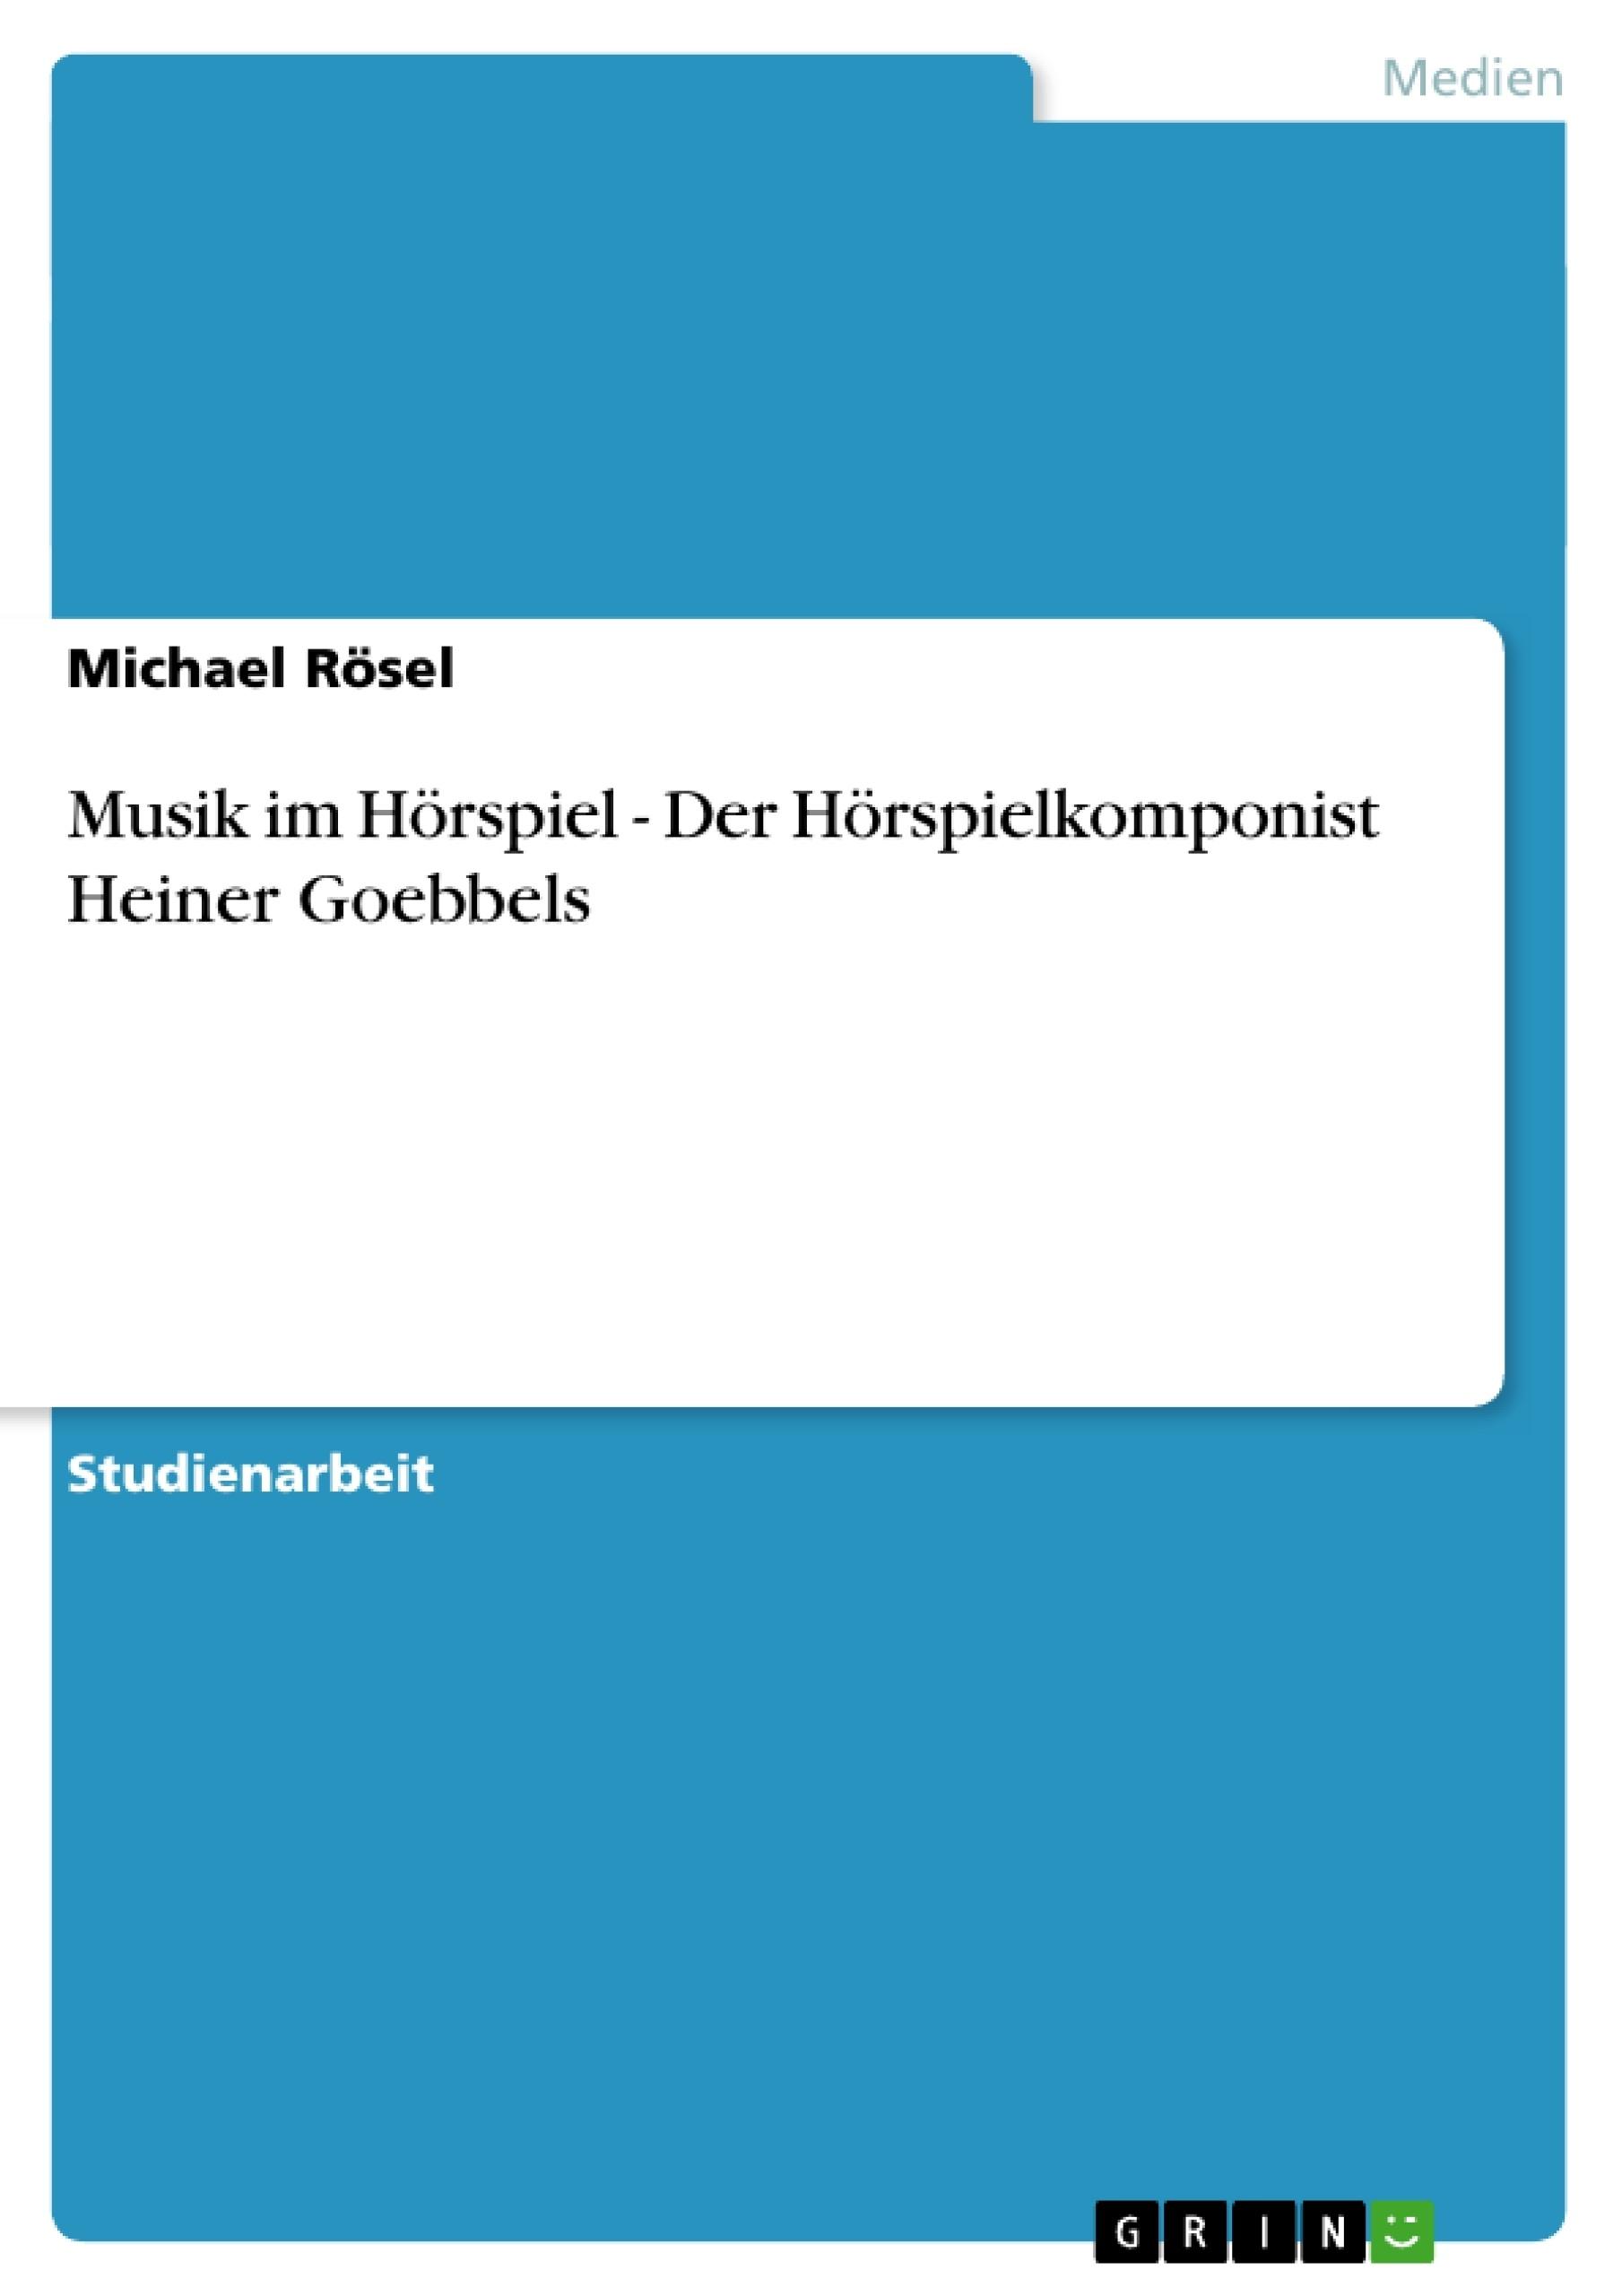 Titel: Musik im Hörspiel - Der Hörspielkomponist Heiner Goebbels